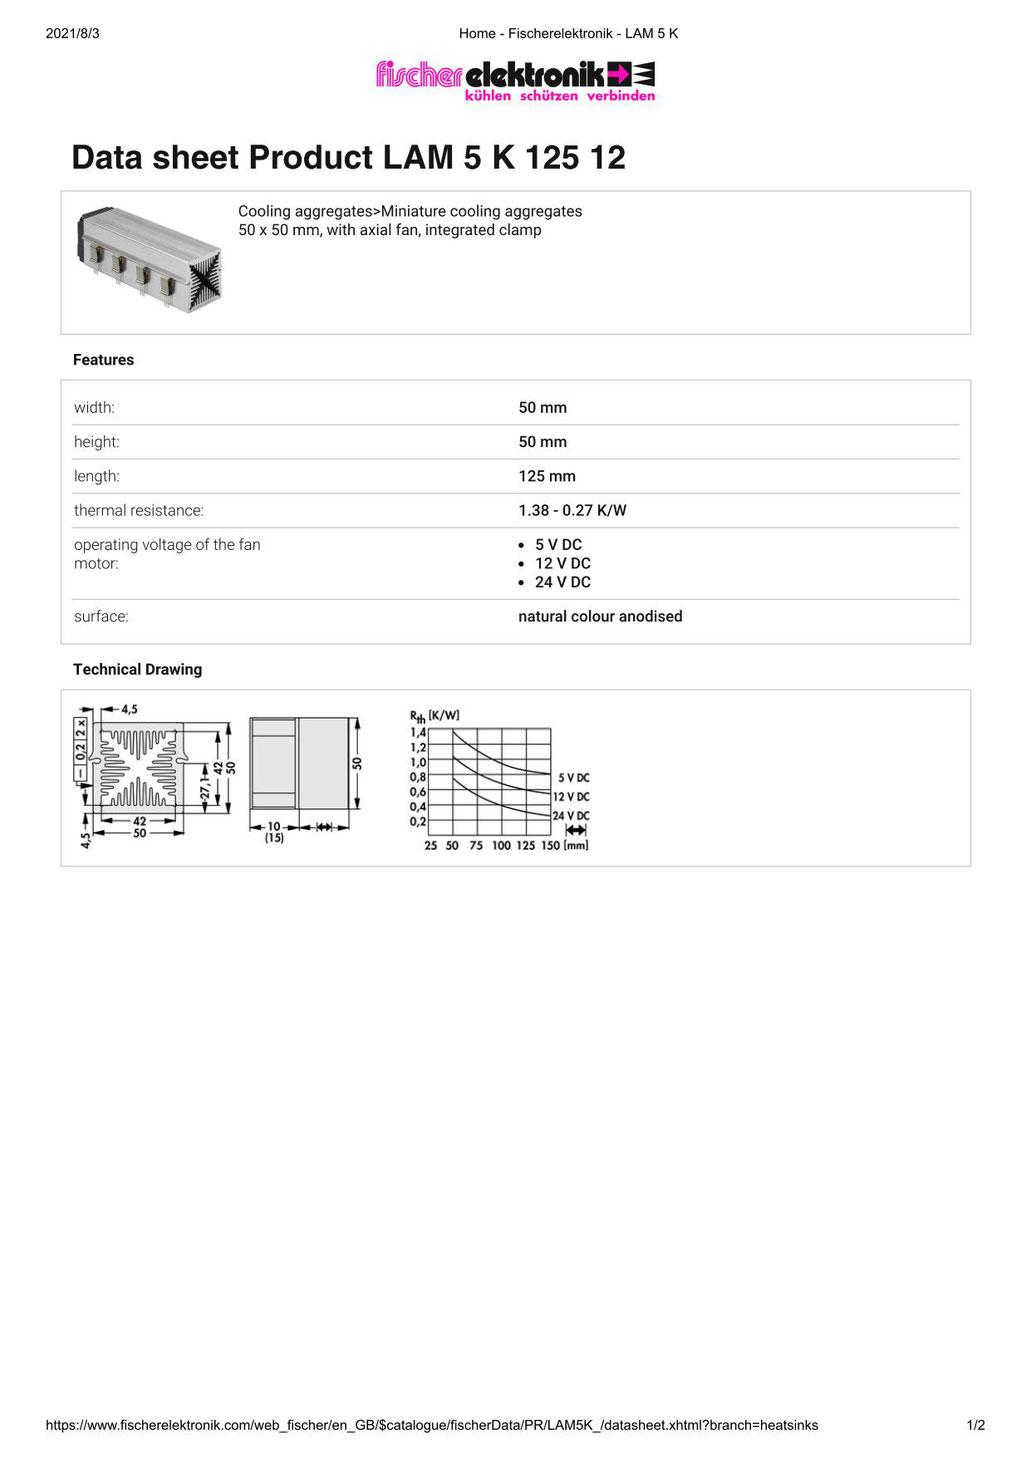 LAM 5 K 125 12 Fischer /フィッシャー 軸流ファン付 ヒートシンク